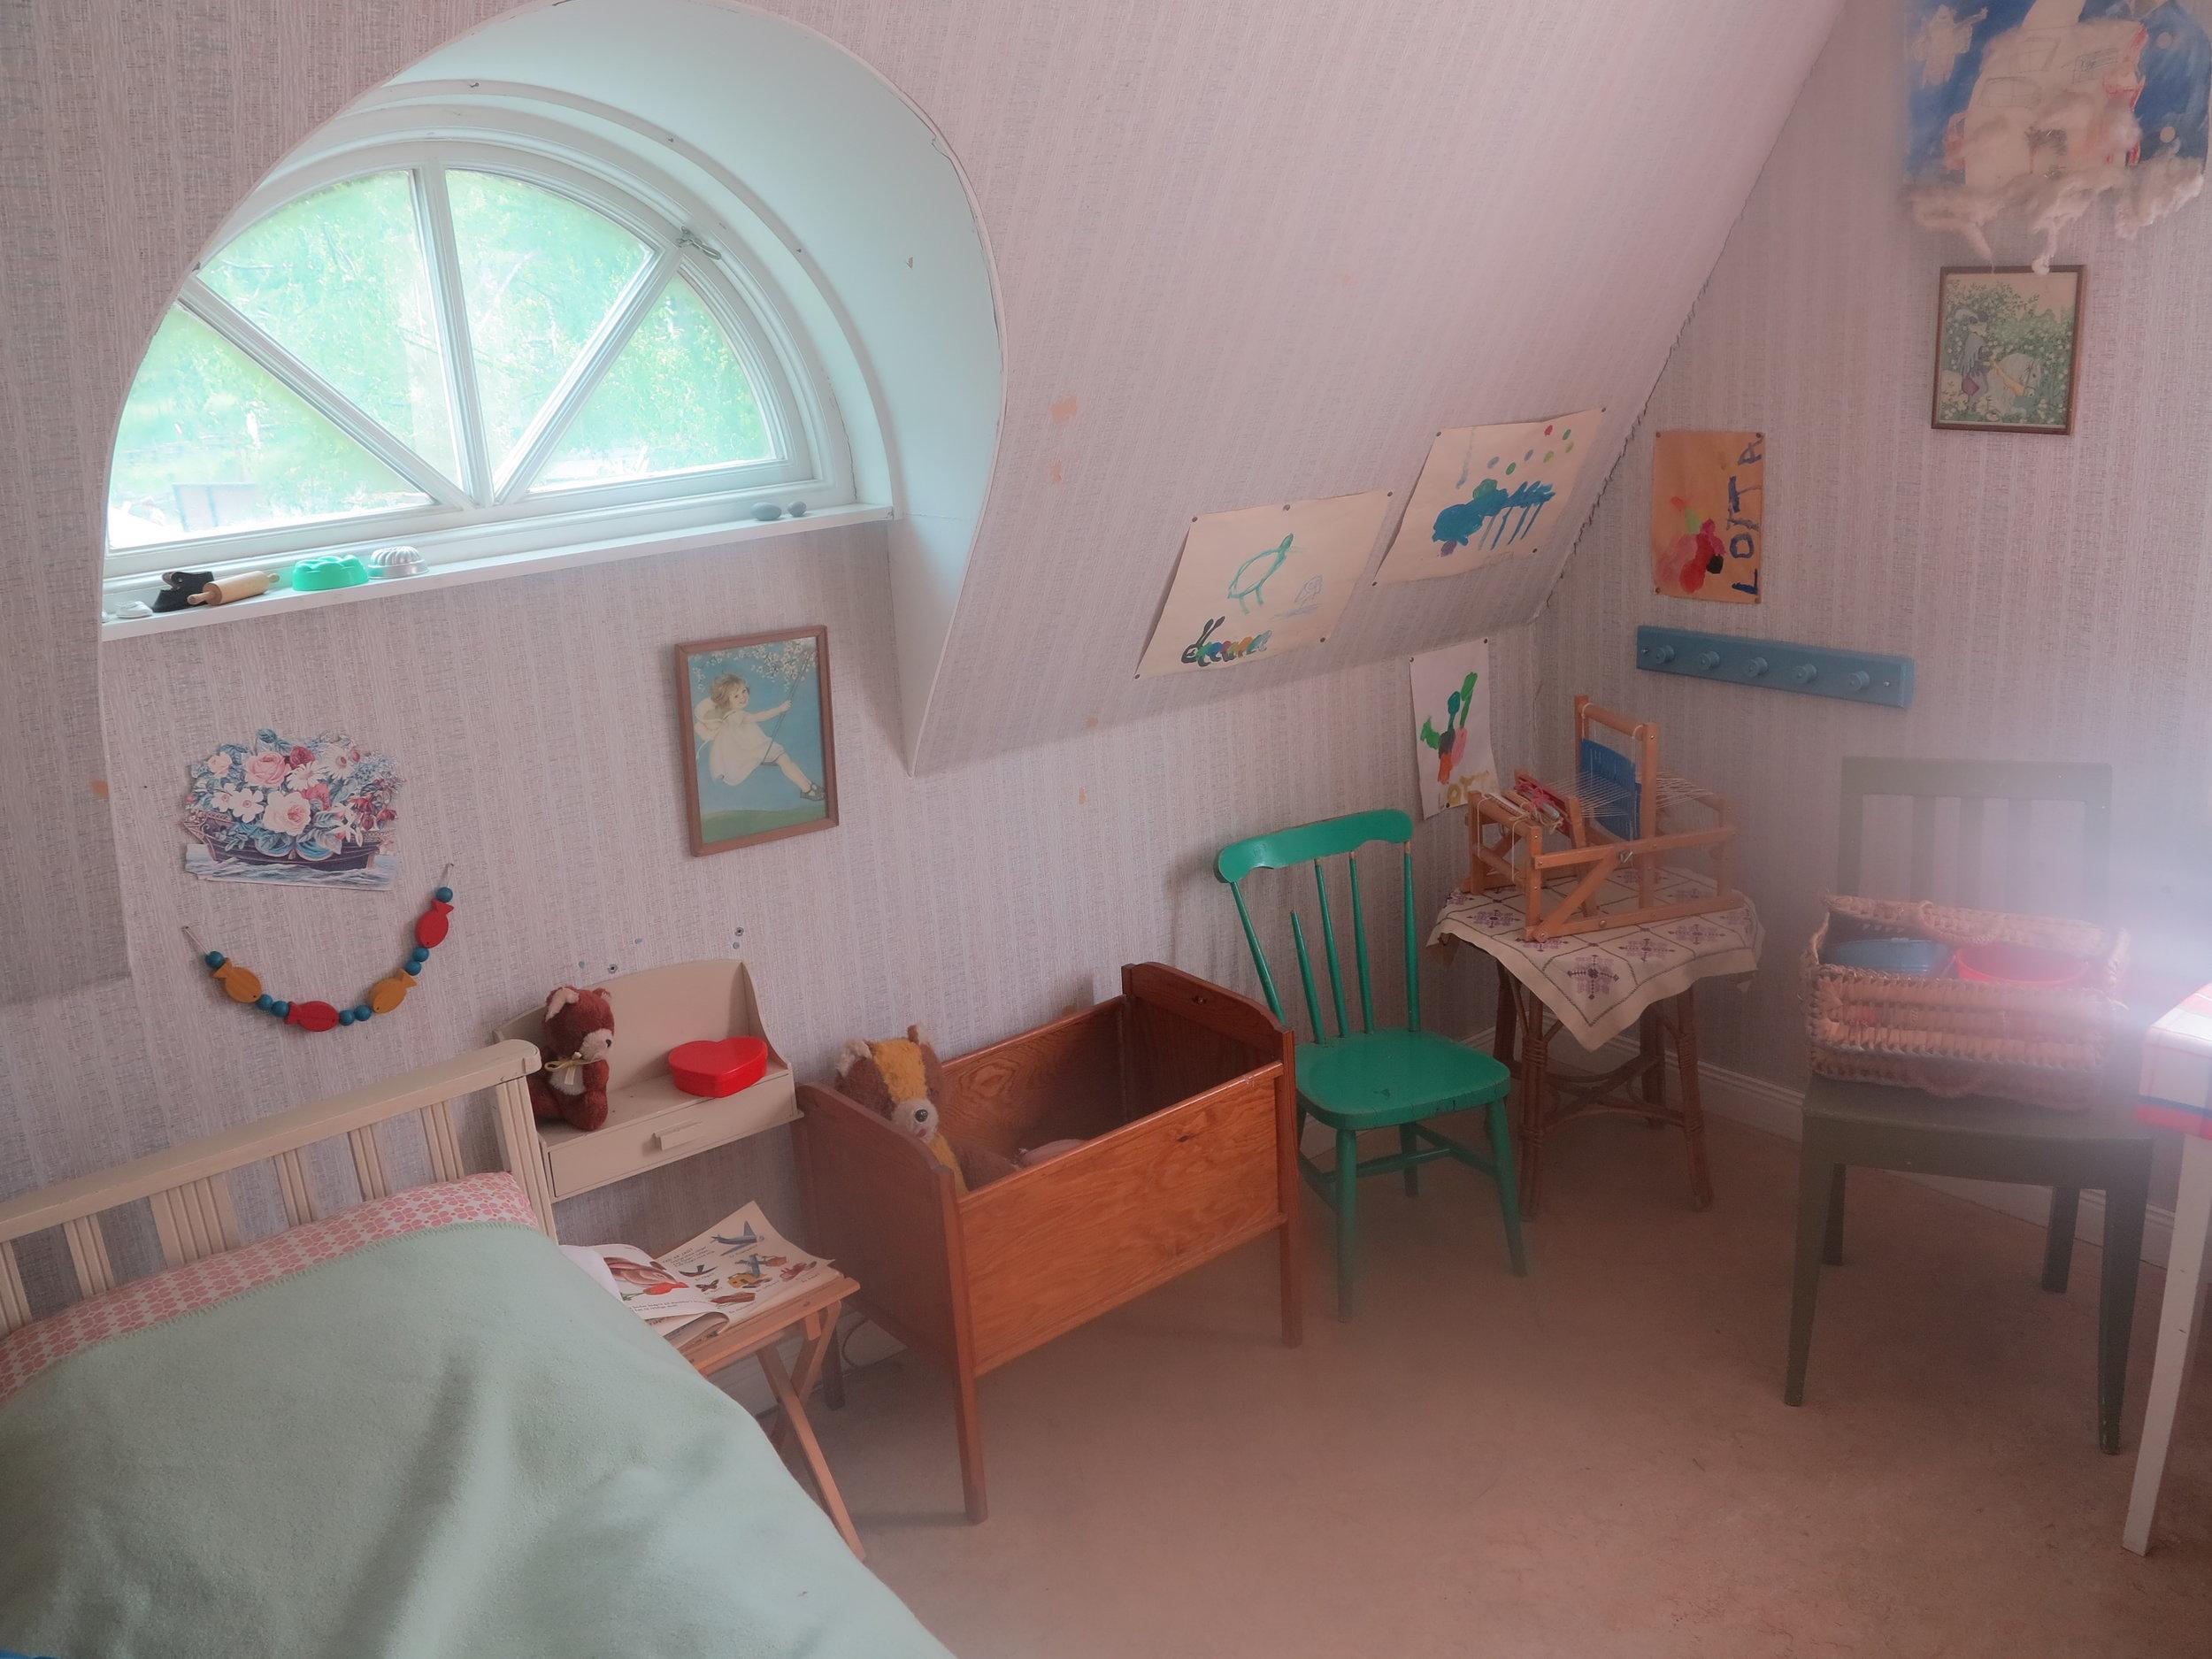 … Lottas Kinderzimmer mit ihrem Bettchen und ihren Spielsachen bestaunen. So als wäre sie gerade erst dagewesen und nur eben rüber zu Tante Berg …